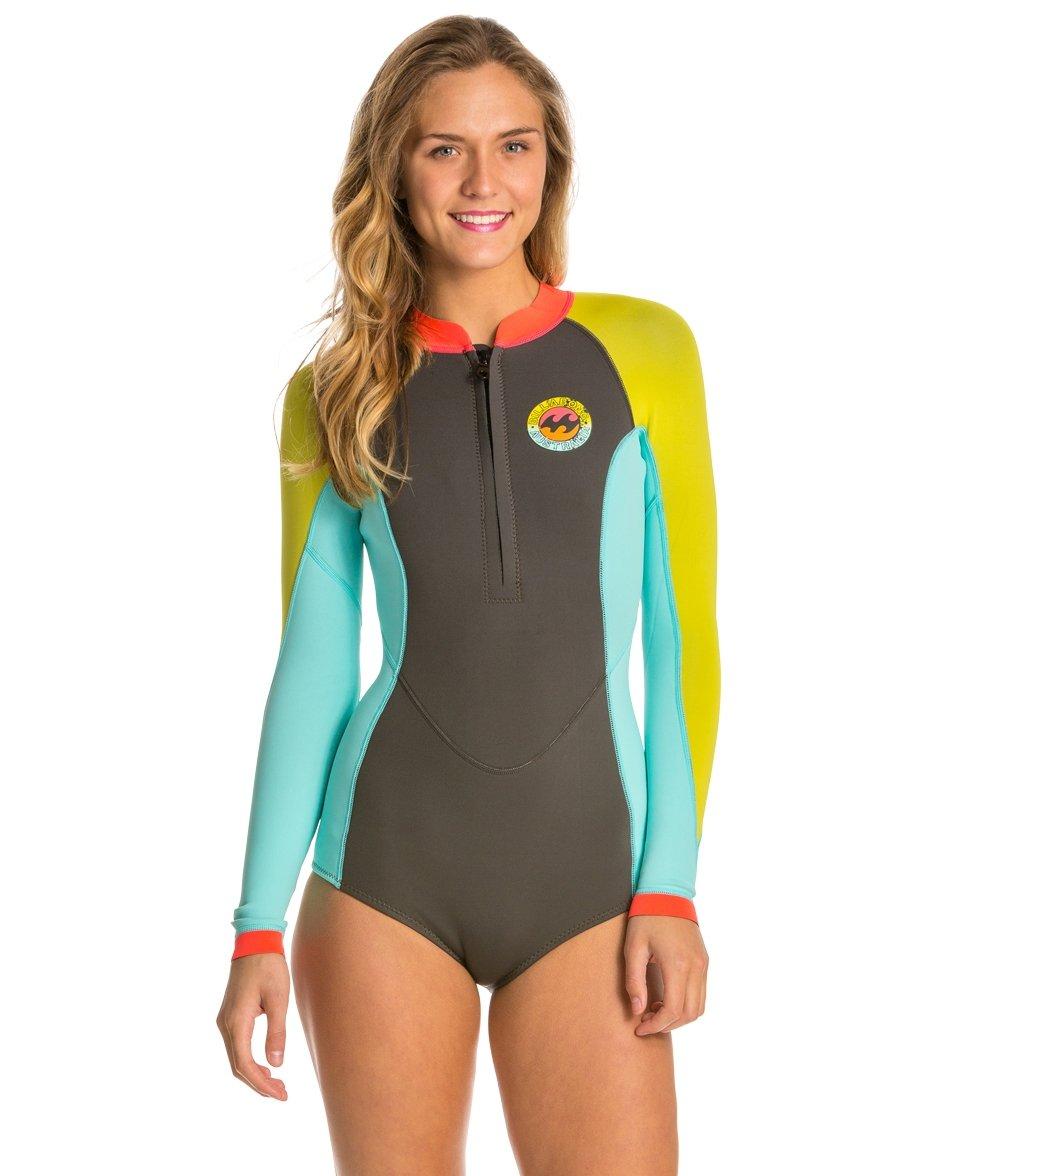 0af71c9537 Billabong Women s 2MM Salty Daze Front Zip Spring Suit Wetsuit at ...